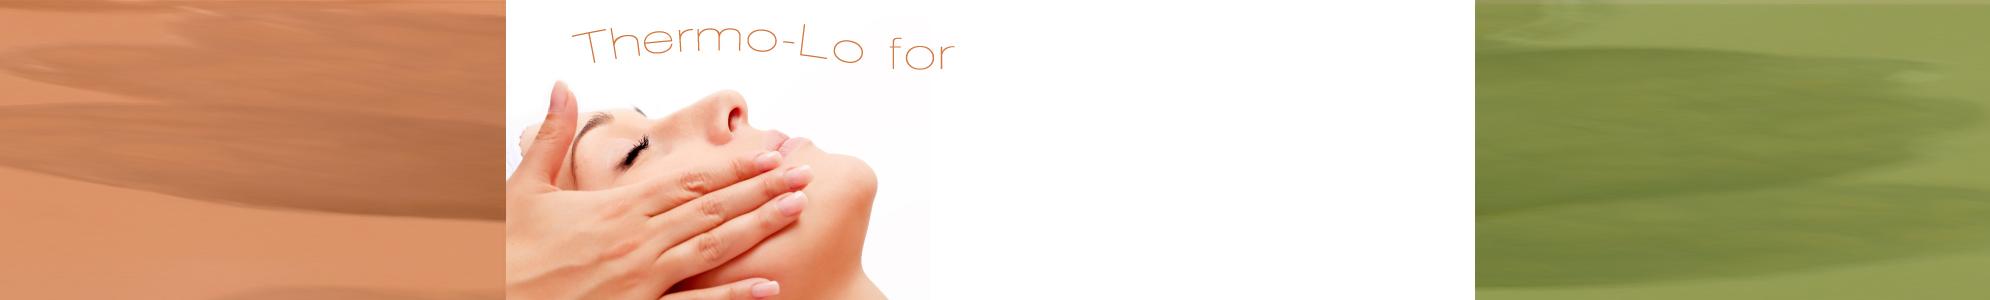 01-Skin-TreatmentNEW1